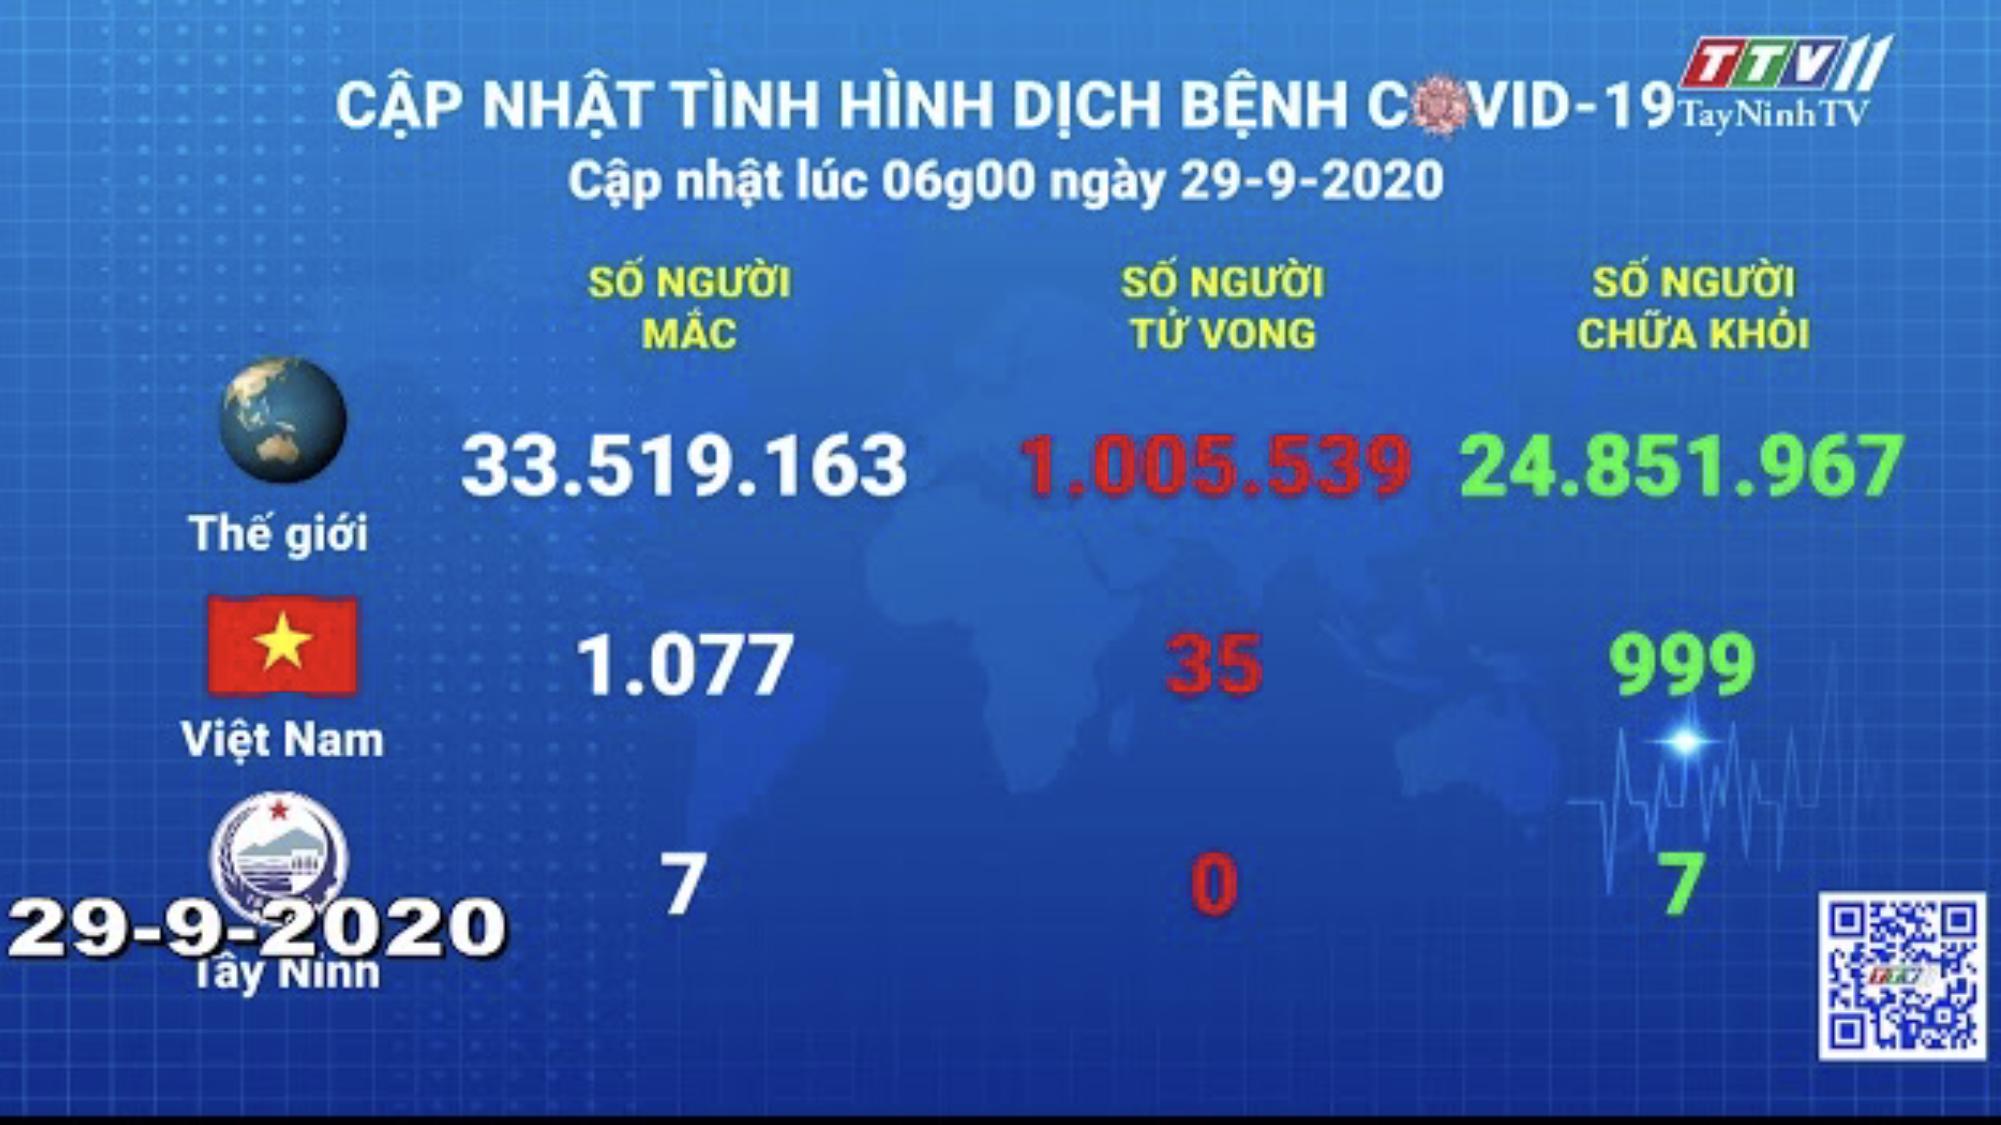 Cập nhật tình hình Covid-19 vào lúc 06 giờ 29-9-2020 | Thông tin dịch Covid-19 | TayNinhTV